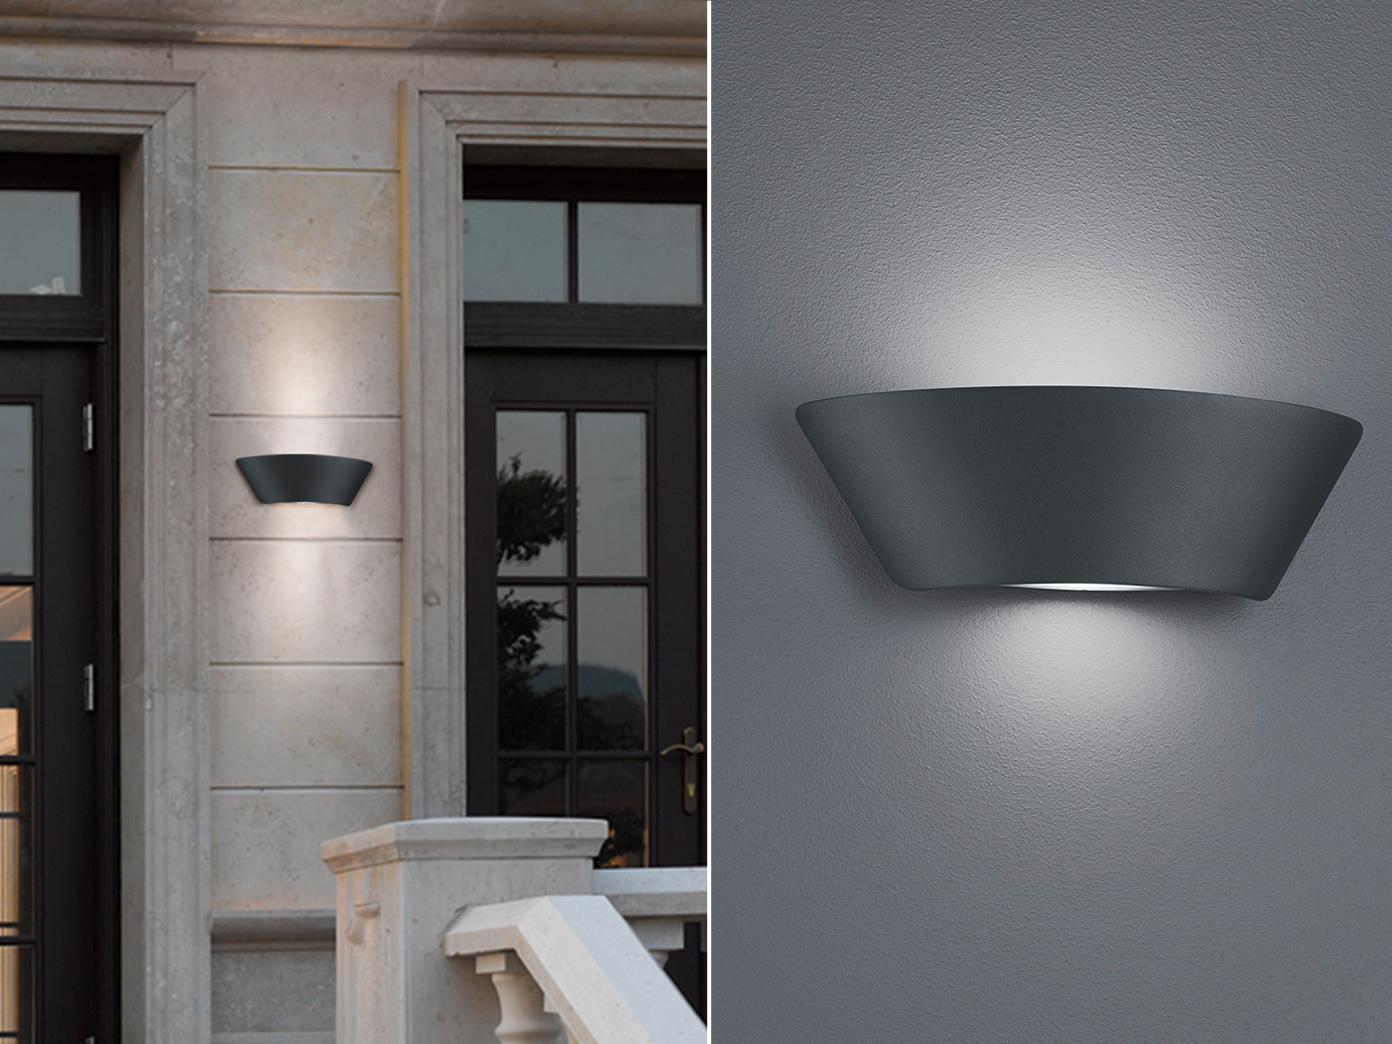 Außenwandleuchte / Wandleuchte SCRAMENTO, inkl. LED Lampen, IP54, Trio